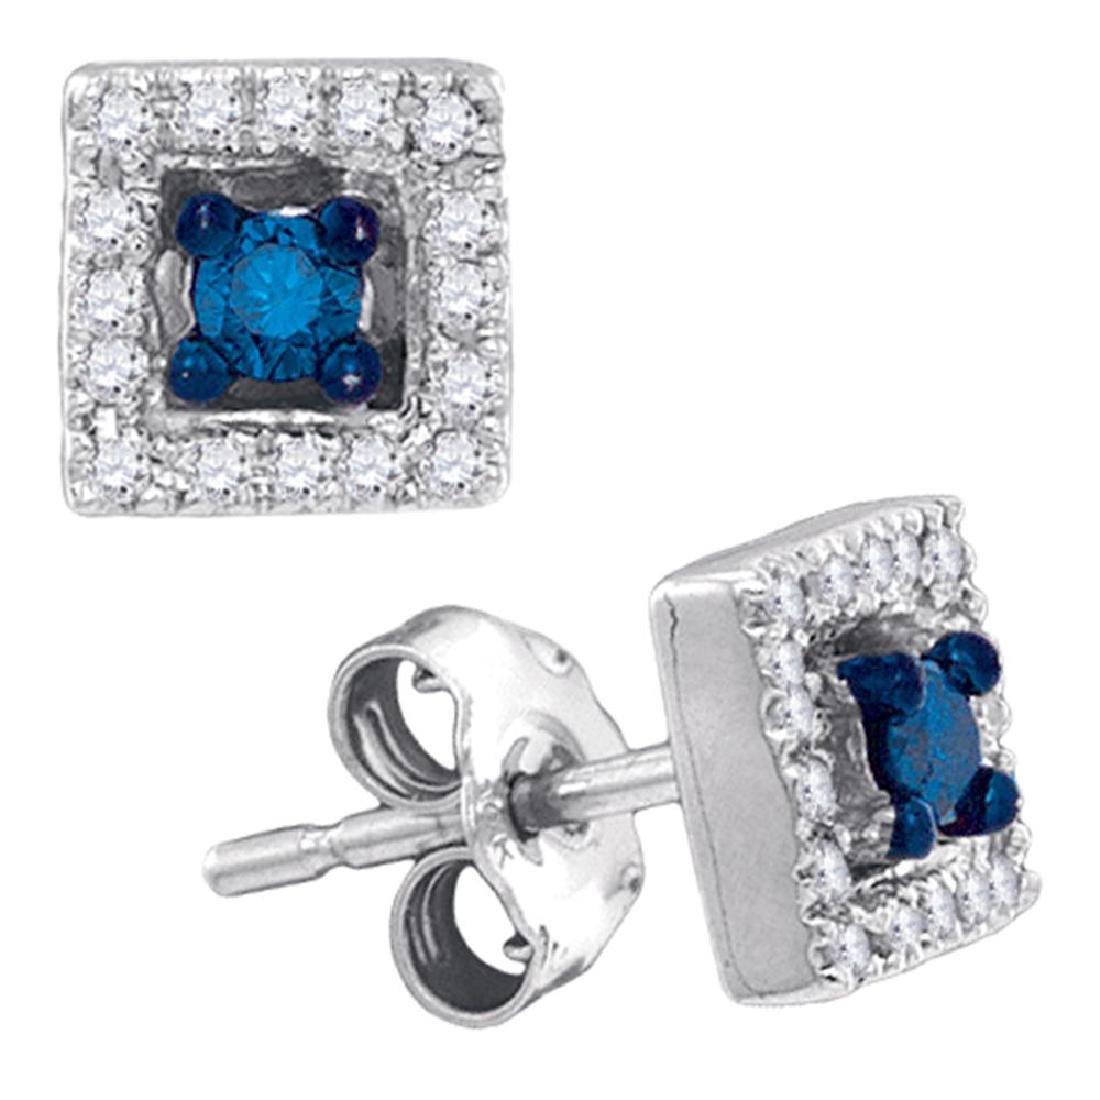 0.21 CTW Blue Color Diamond Square Solitaire Stud